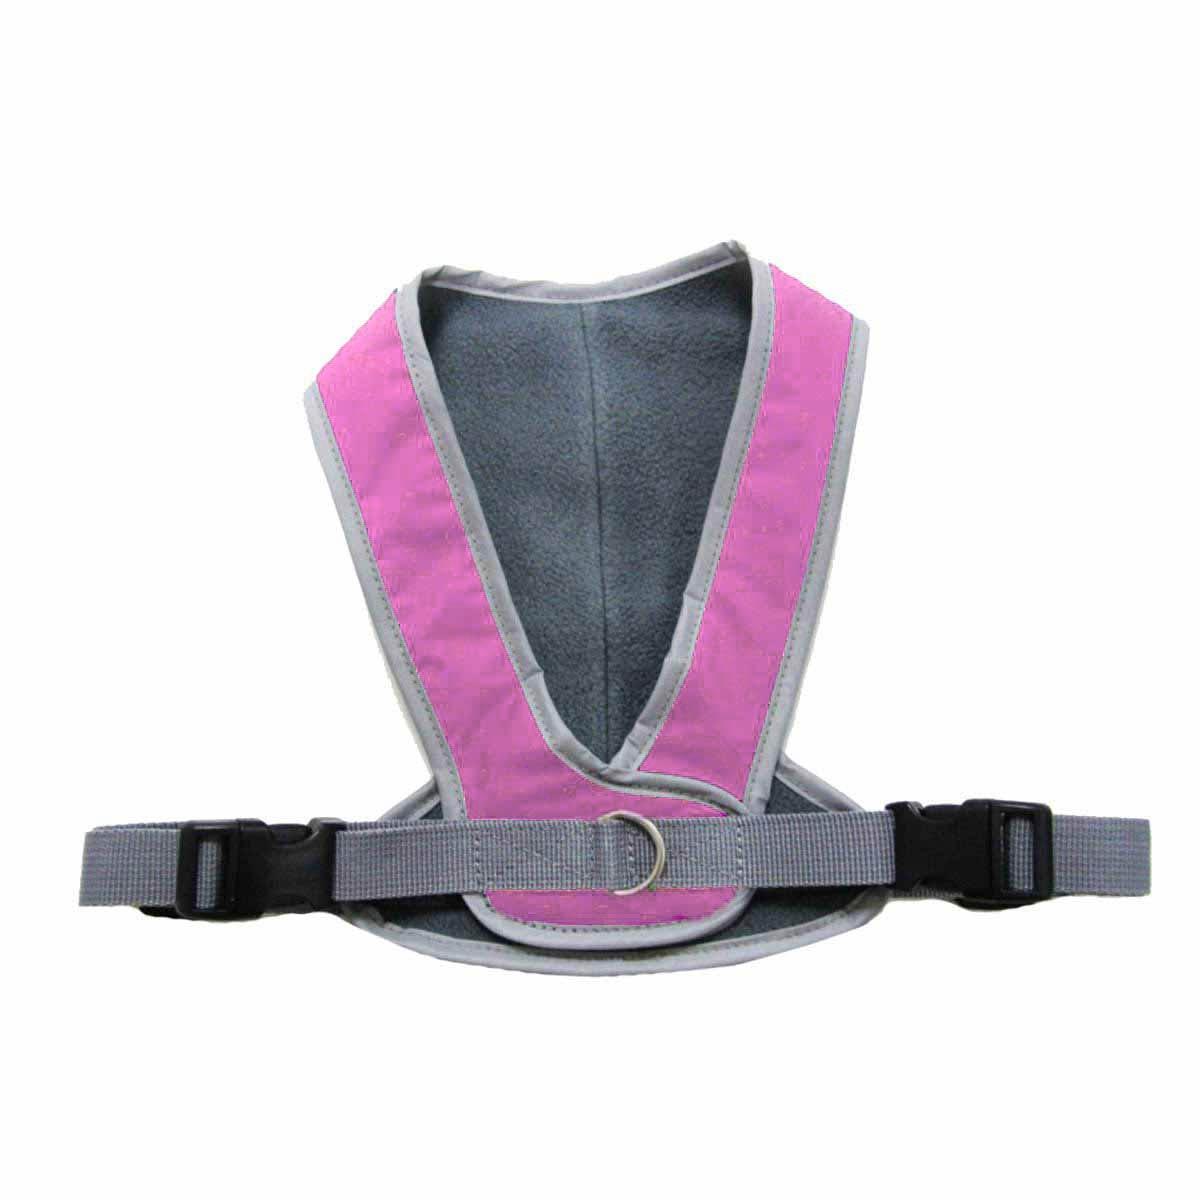 Walk-Fit Sport Dog Harness - Pink